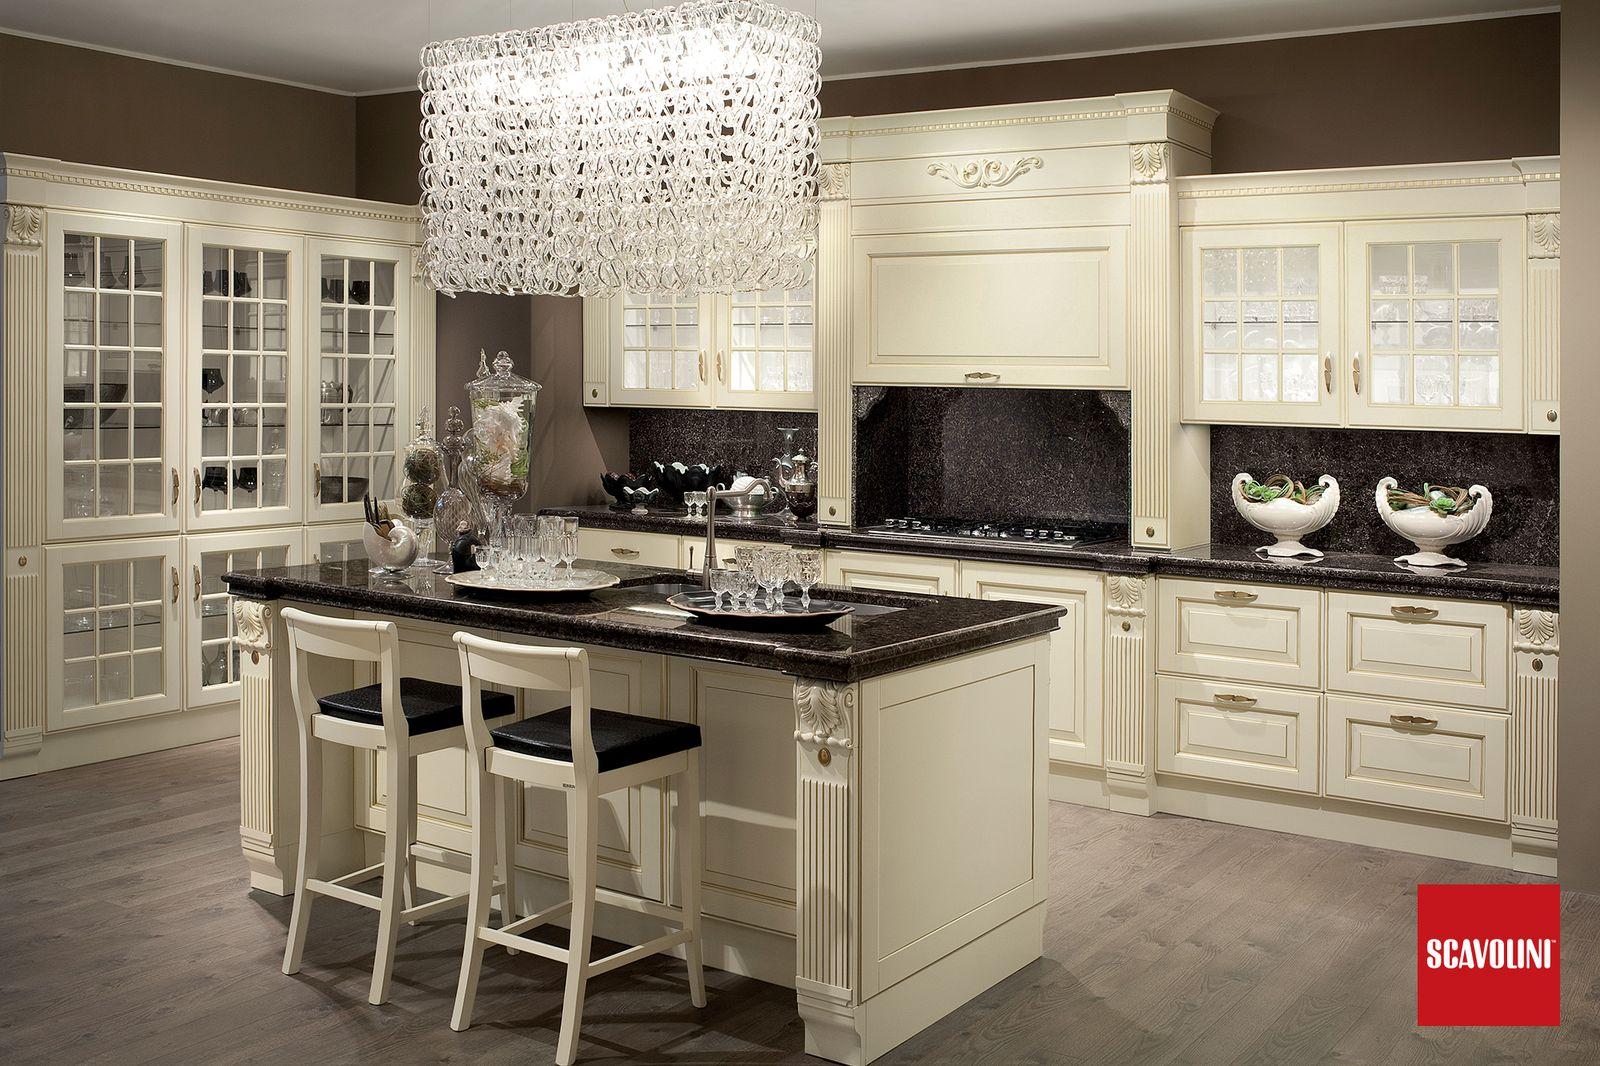 Cucine scavolini lino orsi arredamenti - Scavolini prezzi cucine ...